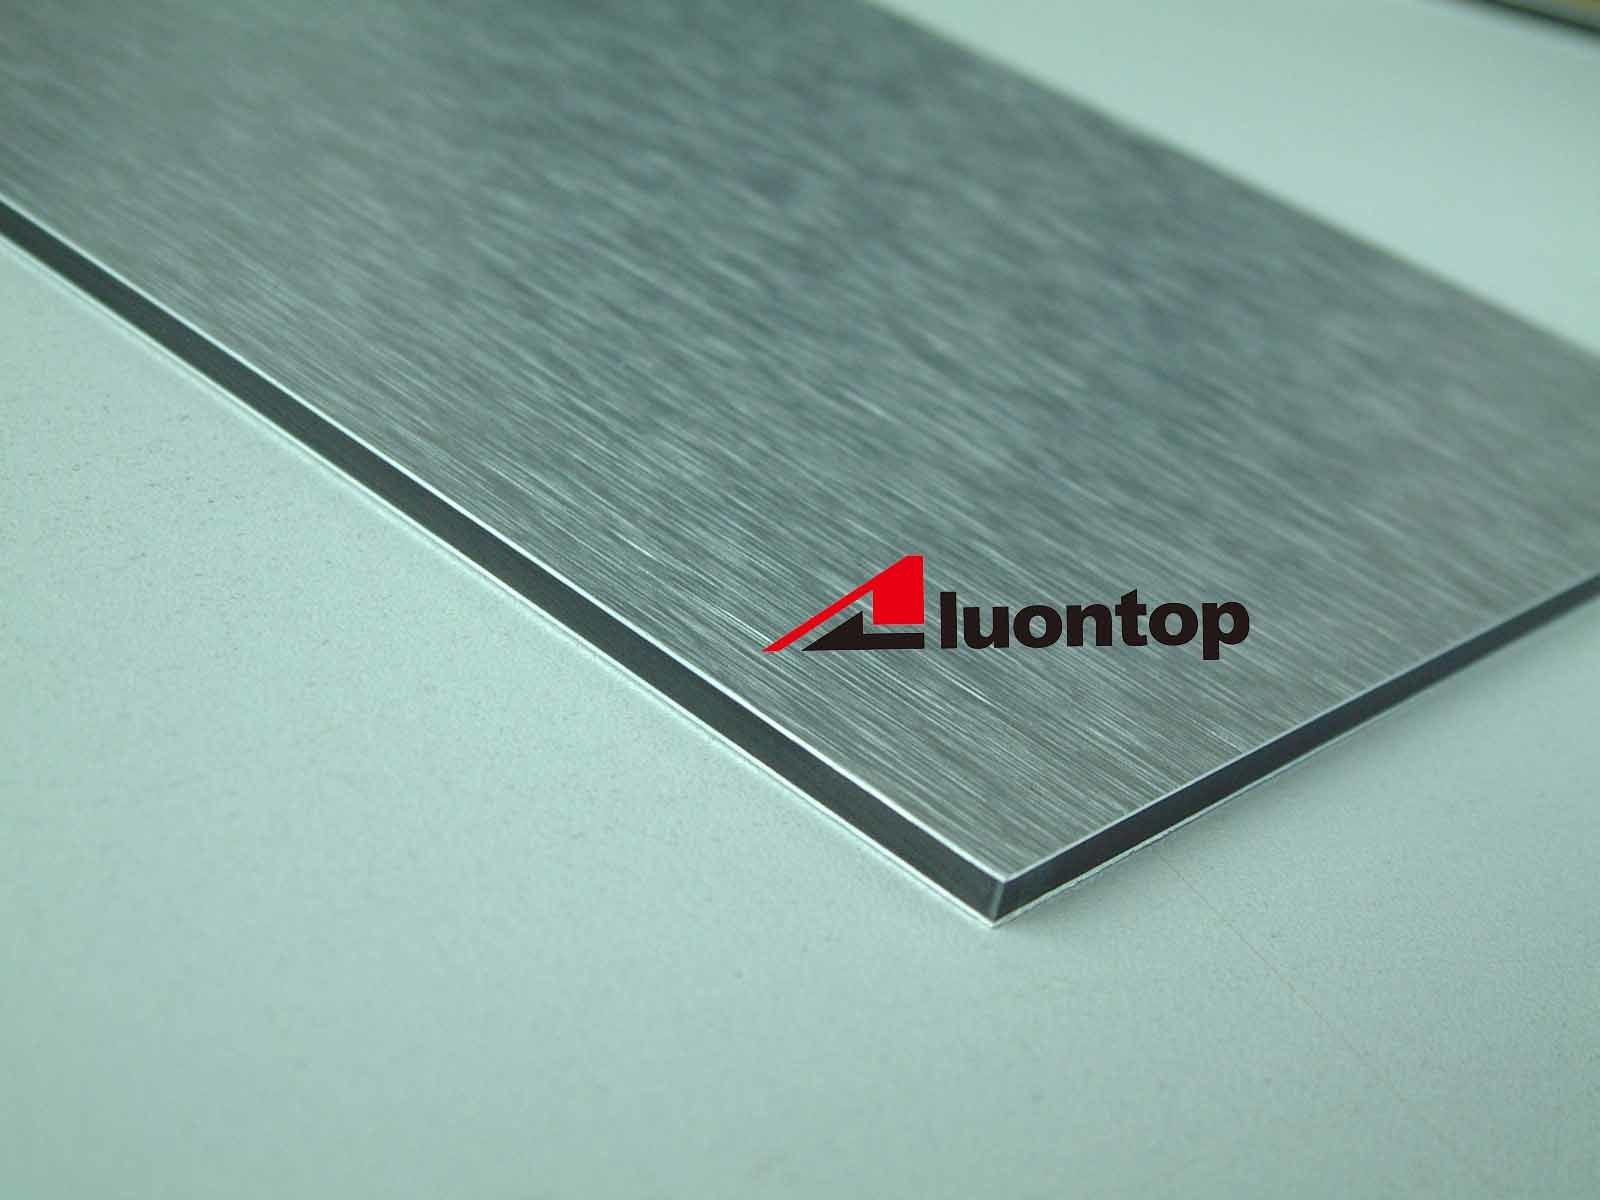 panneau compos en aluminium de brosse hm 02 panneau compos en aluminium de brosse hm 02. Black Bedroom Furniture Sets. Home Design Ideas